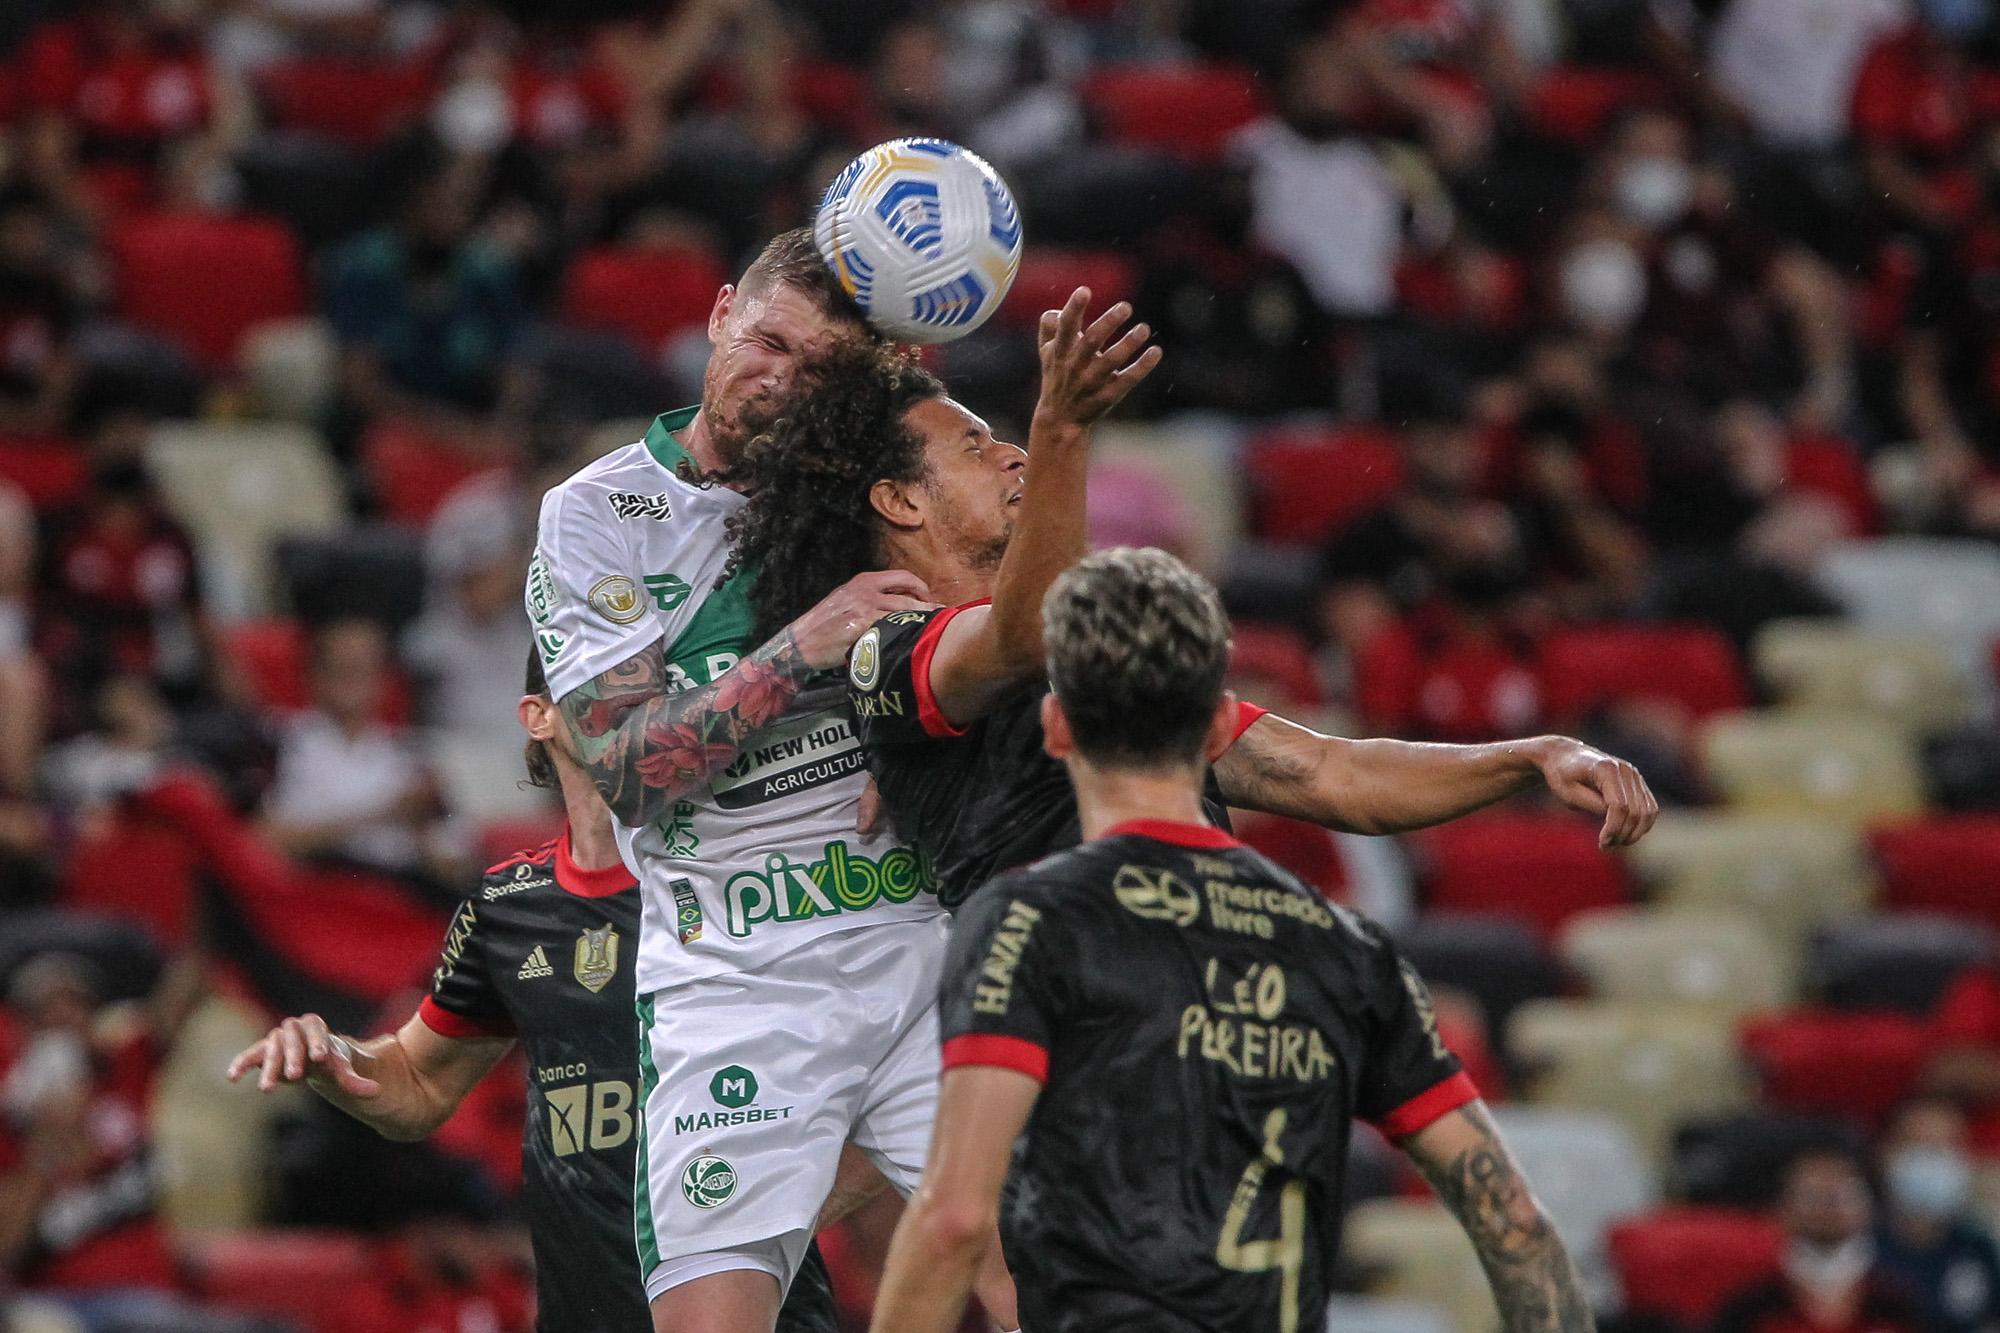 No Maracanã, Ju é superado pelo Flamengo